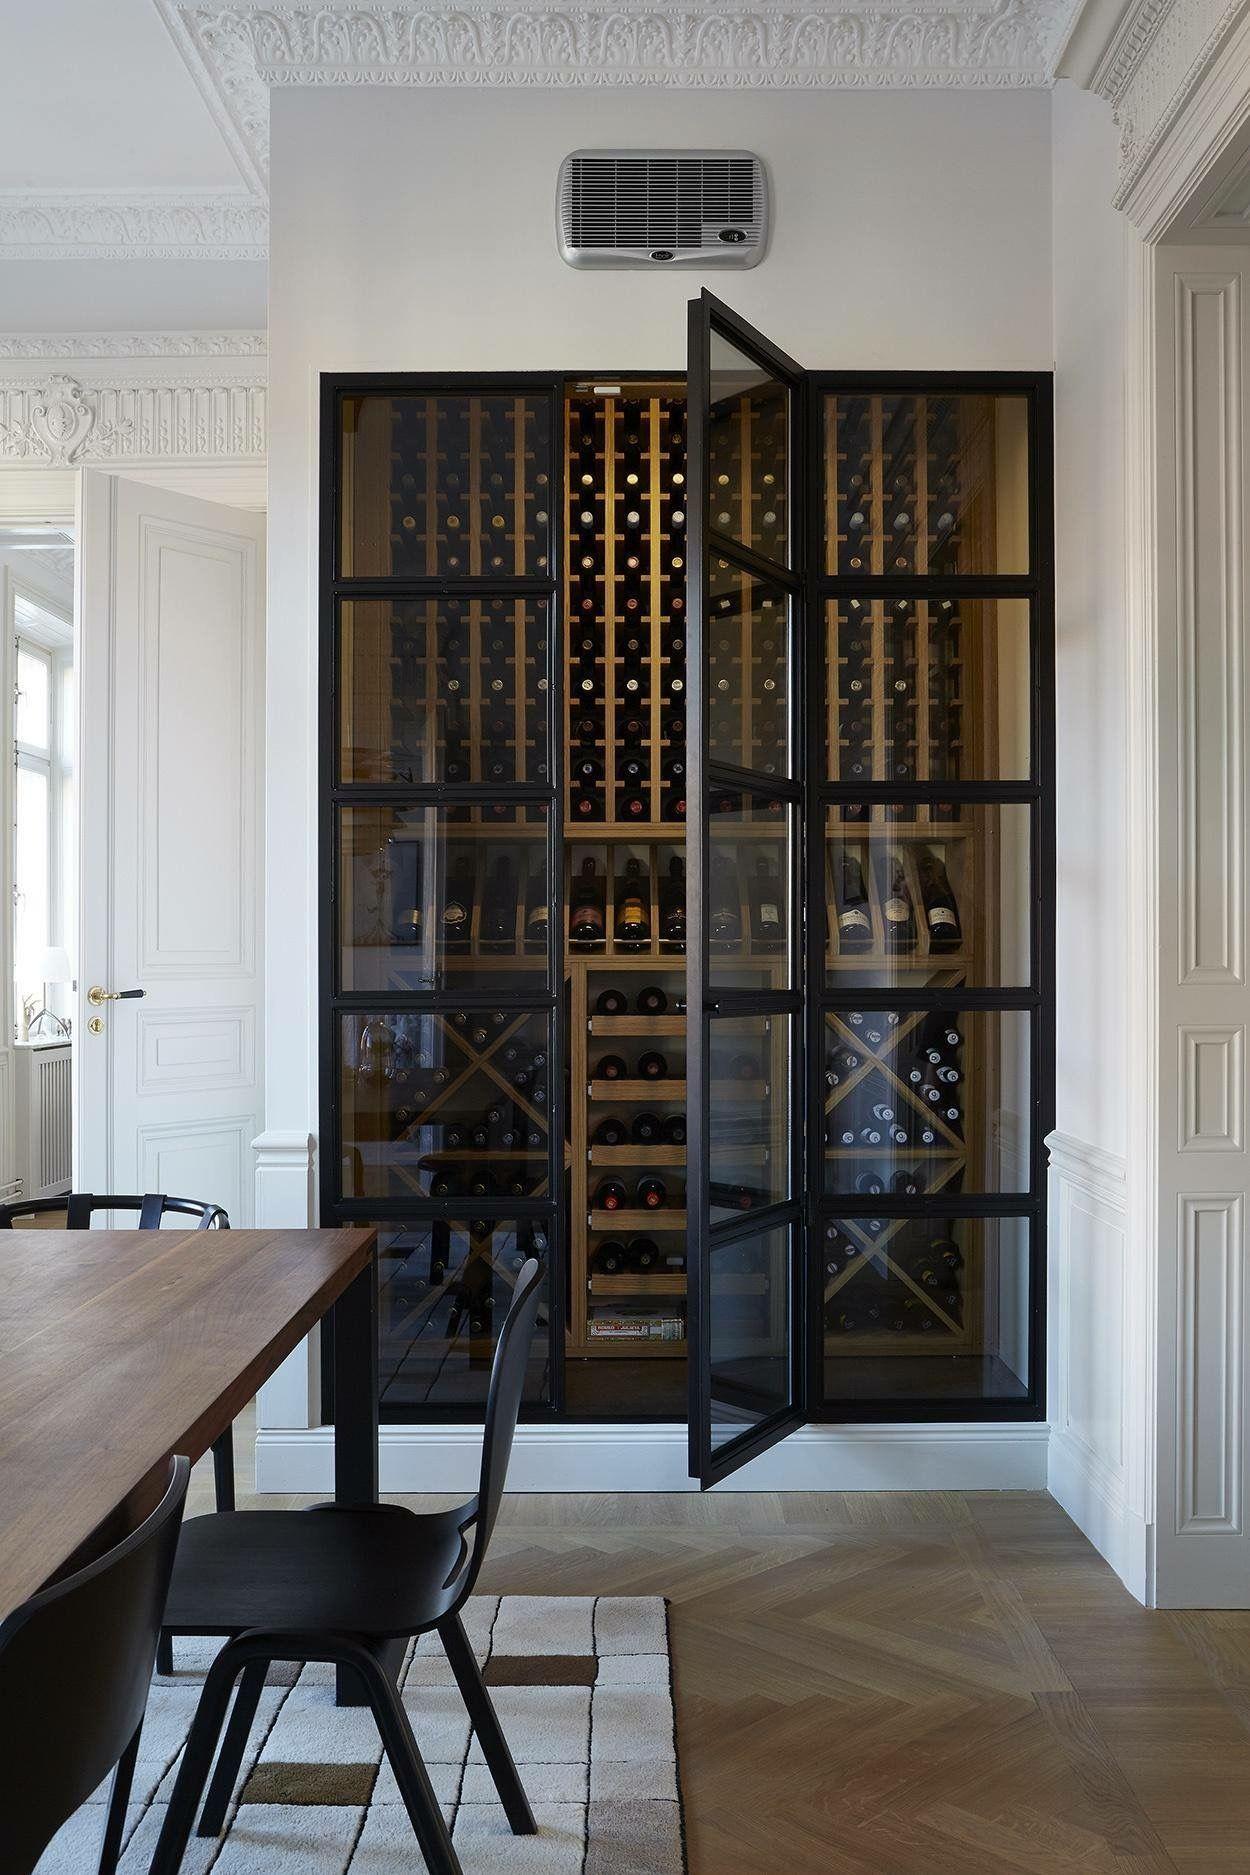 Cellar | Urban Cellars | Pinterest | Haus und heim, Weinkeller und Heim